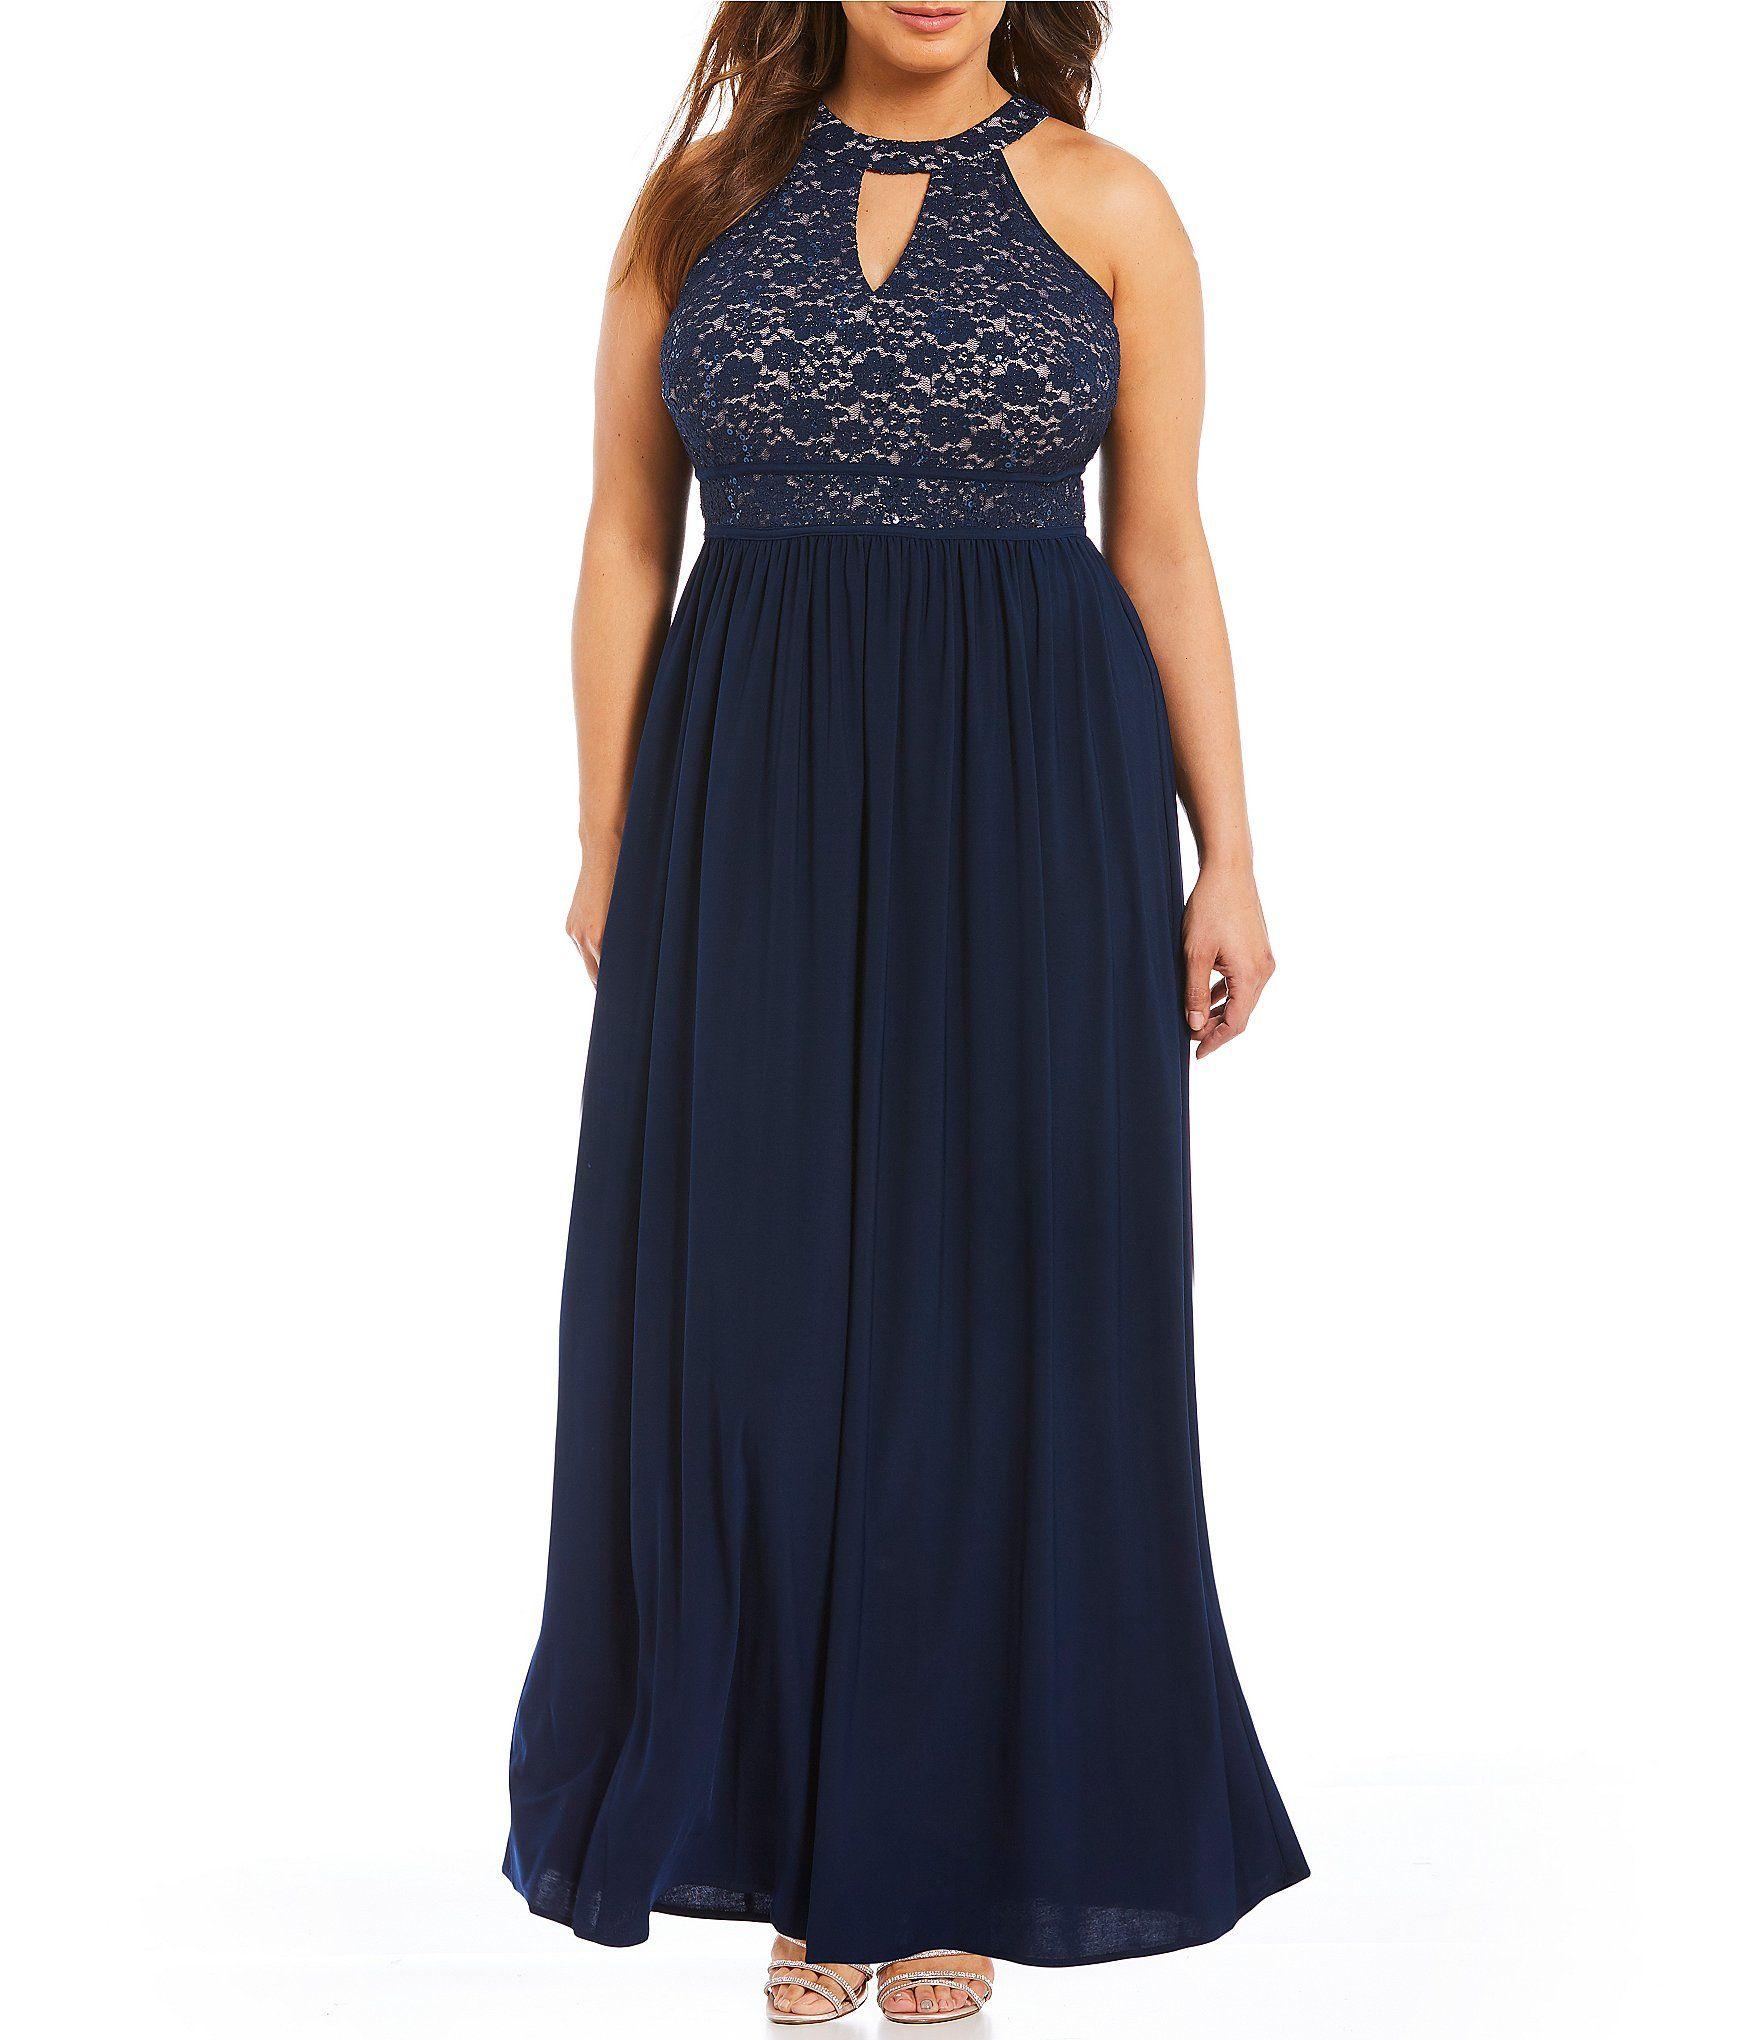 Morgan u co plus keyhole embellished lace bodice long dress lace